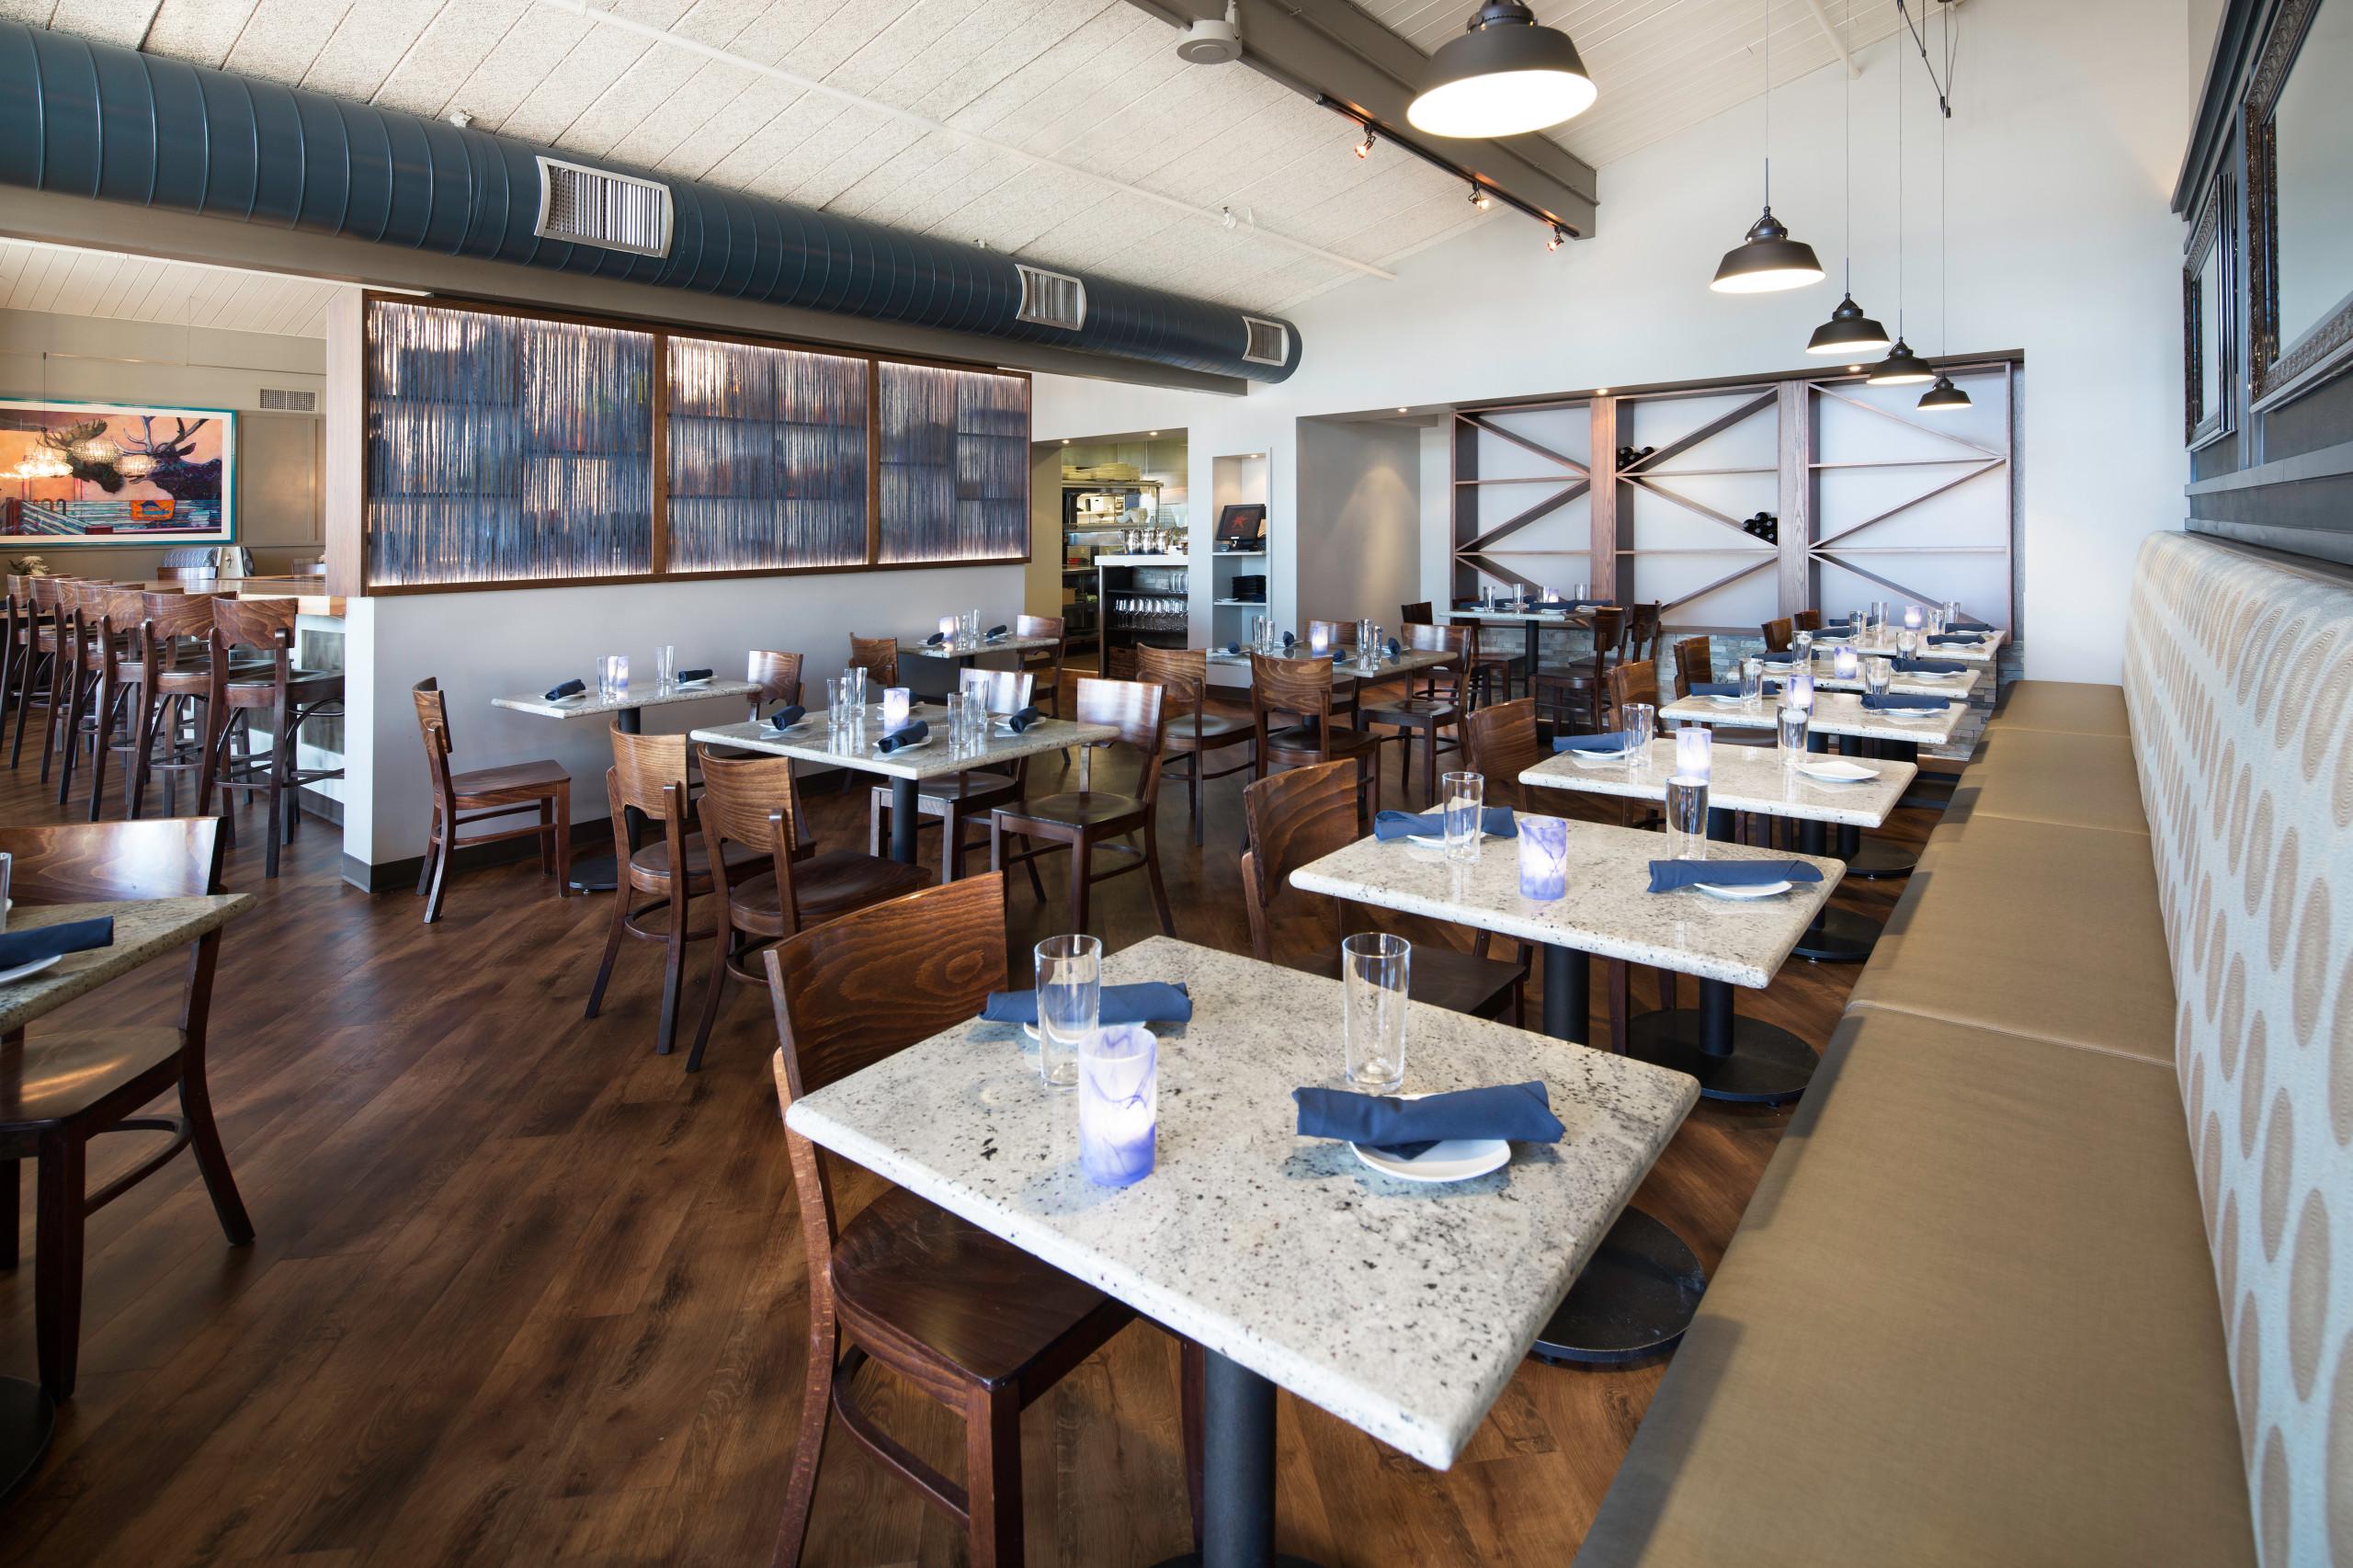 Scott's on Alpine - Commercial/Restaurant